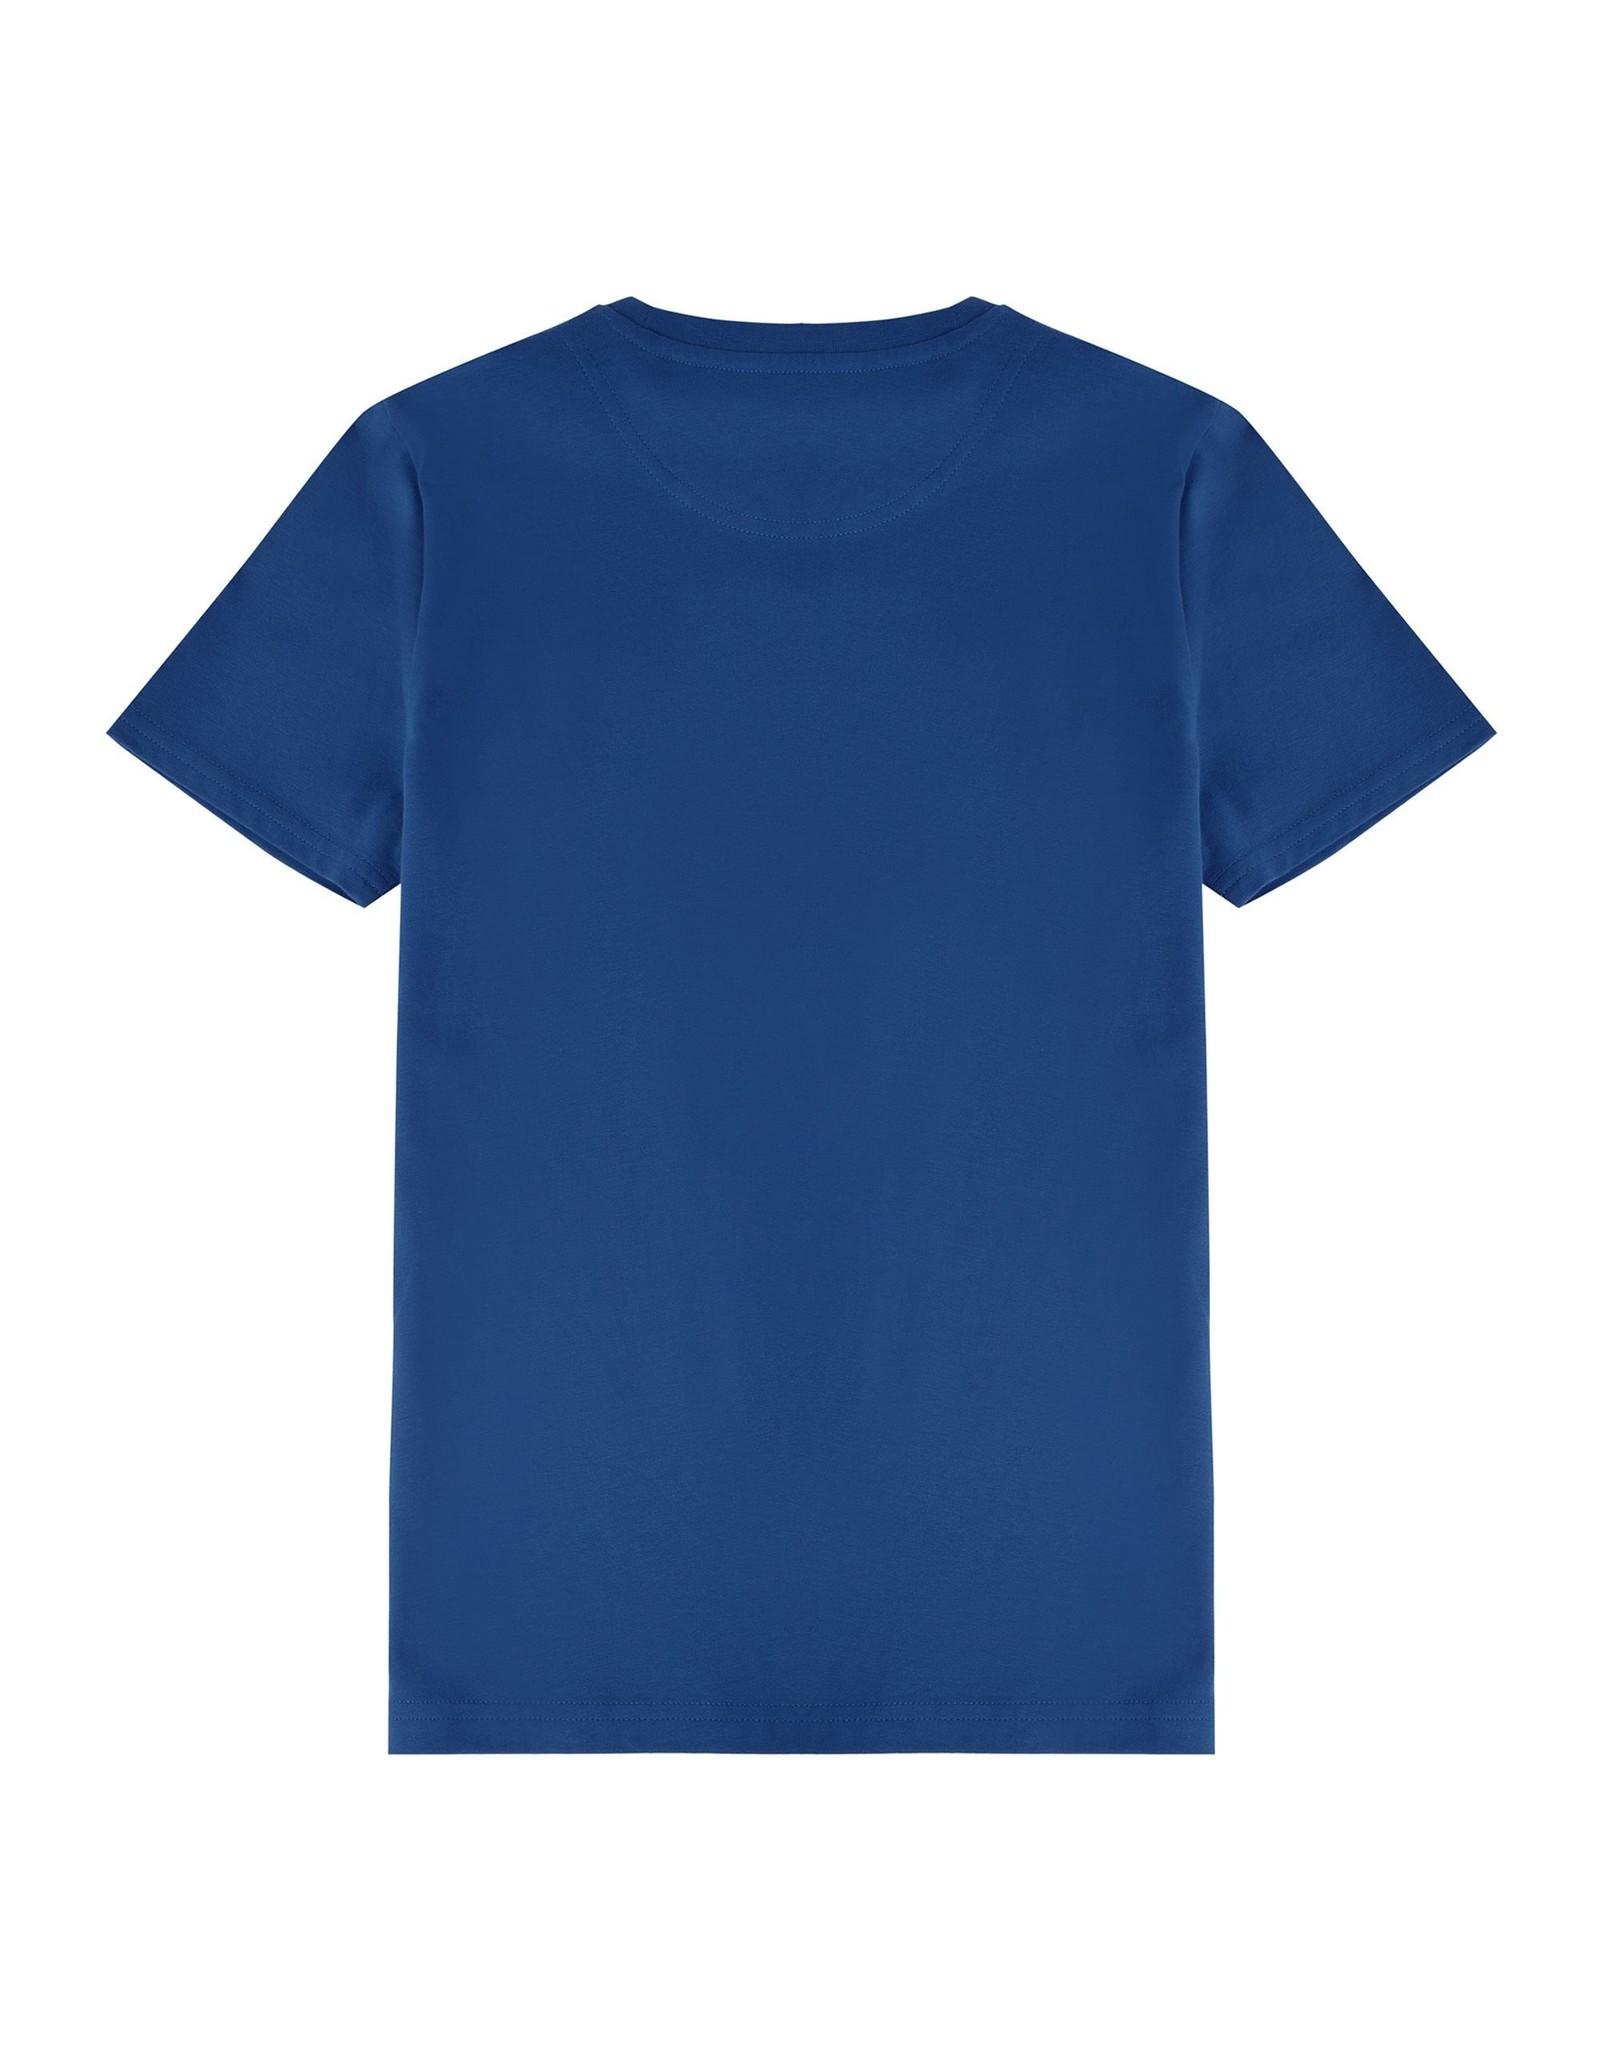 Lyle & Scott BOYS CLASSIC T-SHIRT 073 ESTATE BLUE